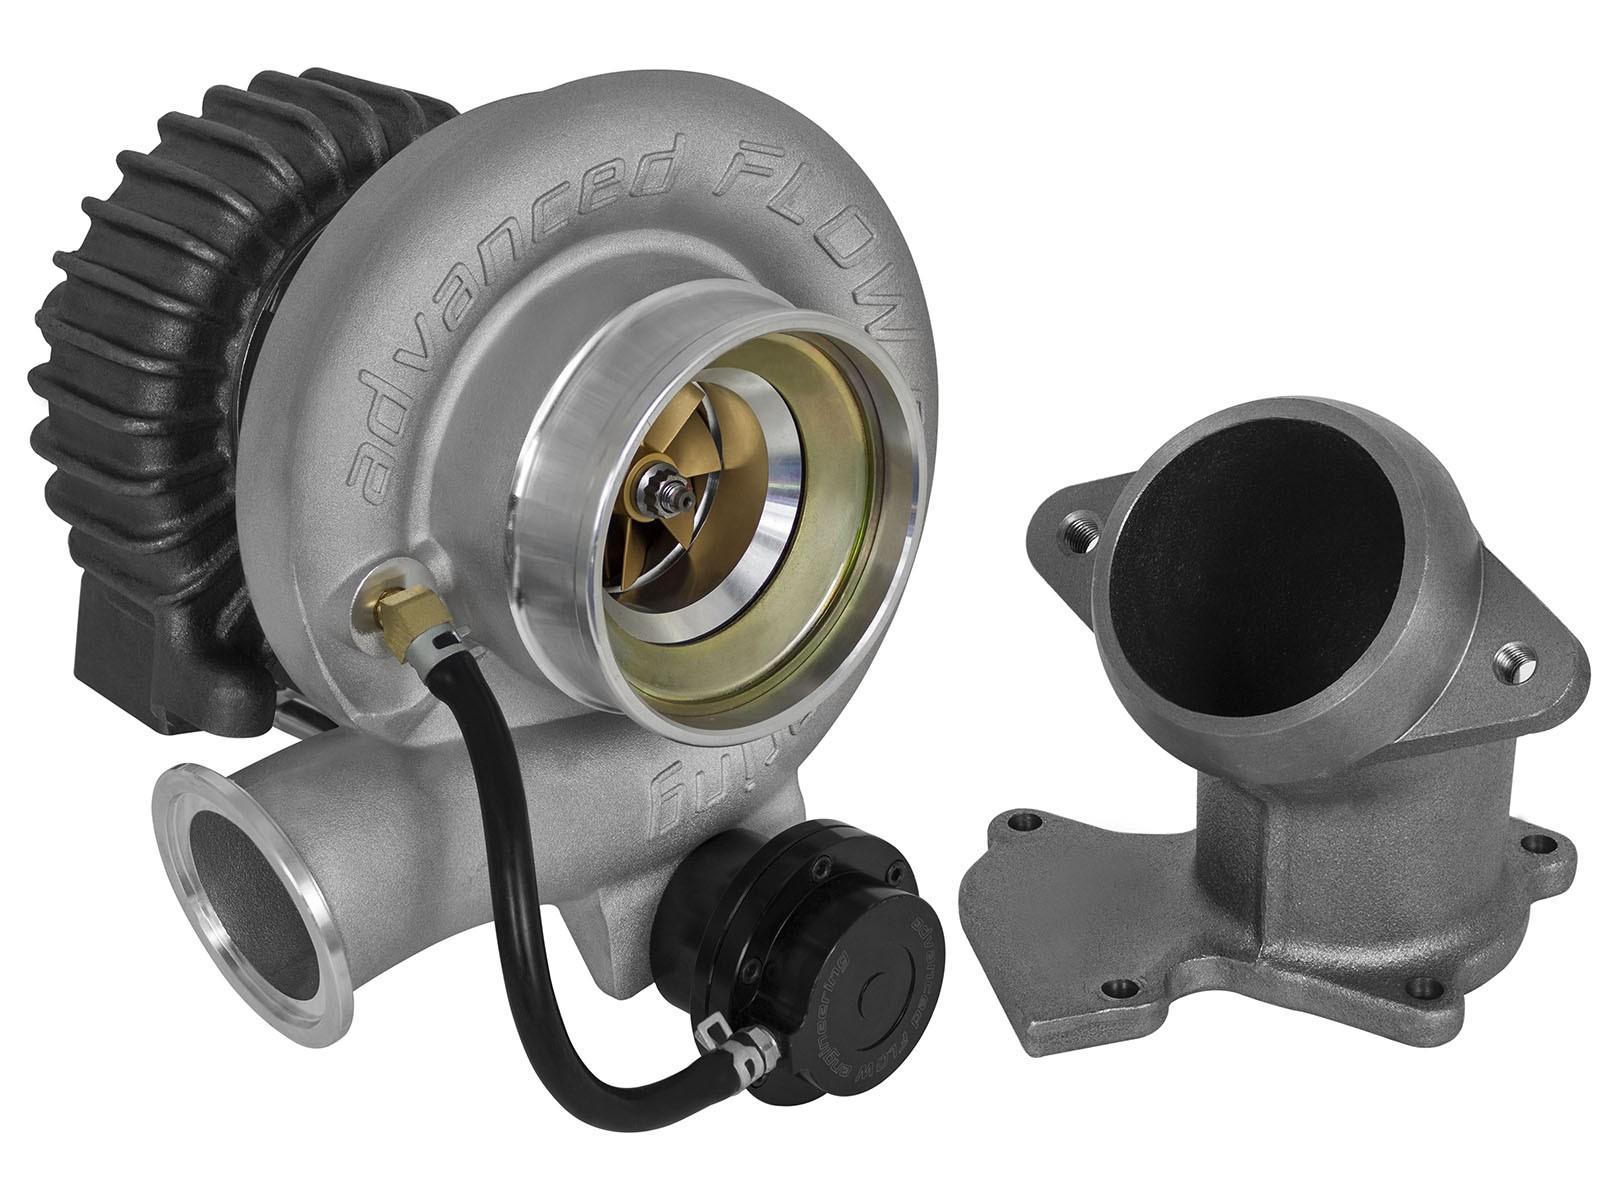 aFe POWER 46-60062-1 BladeRunner GT Series Turbocharger